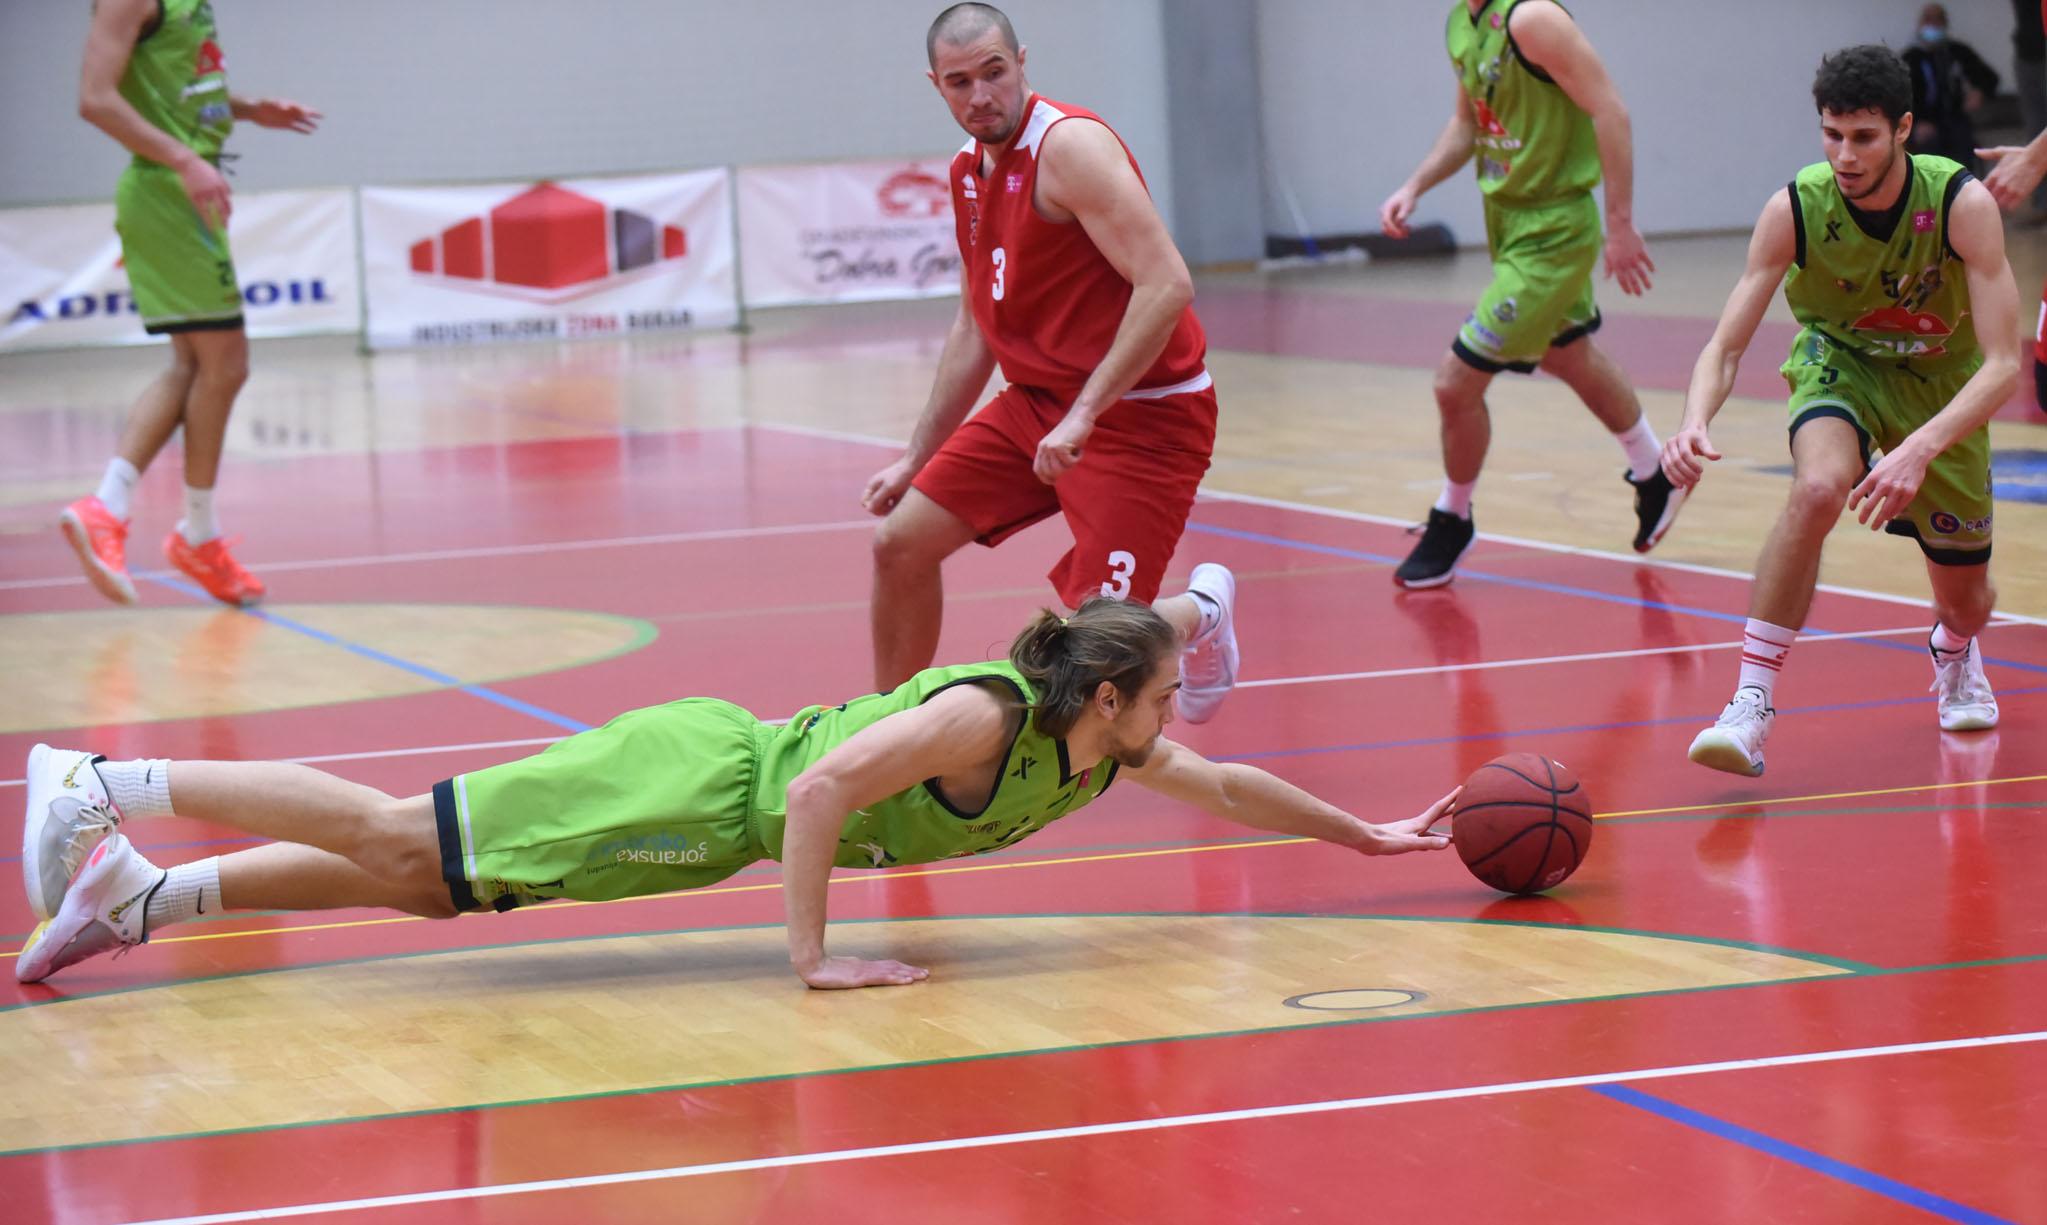 Luka Vucić/Foto: S. DRECHSLER